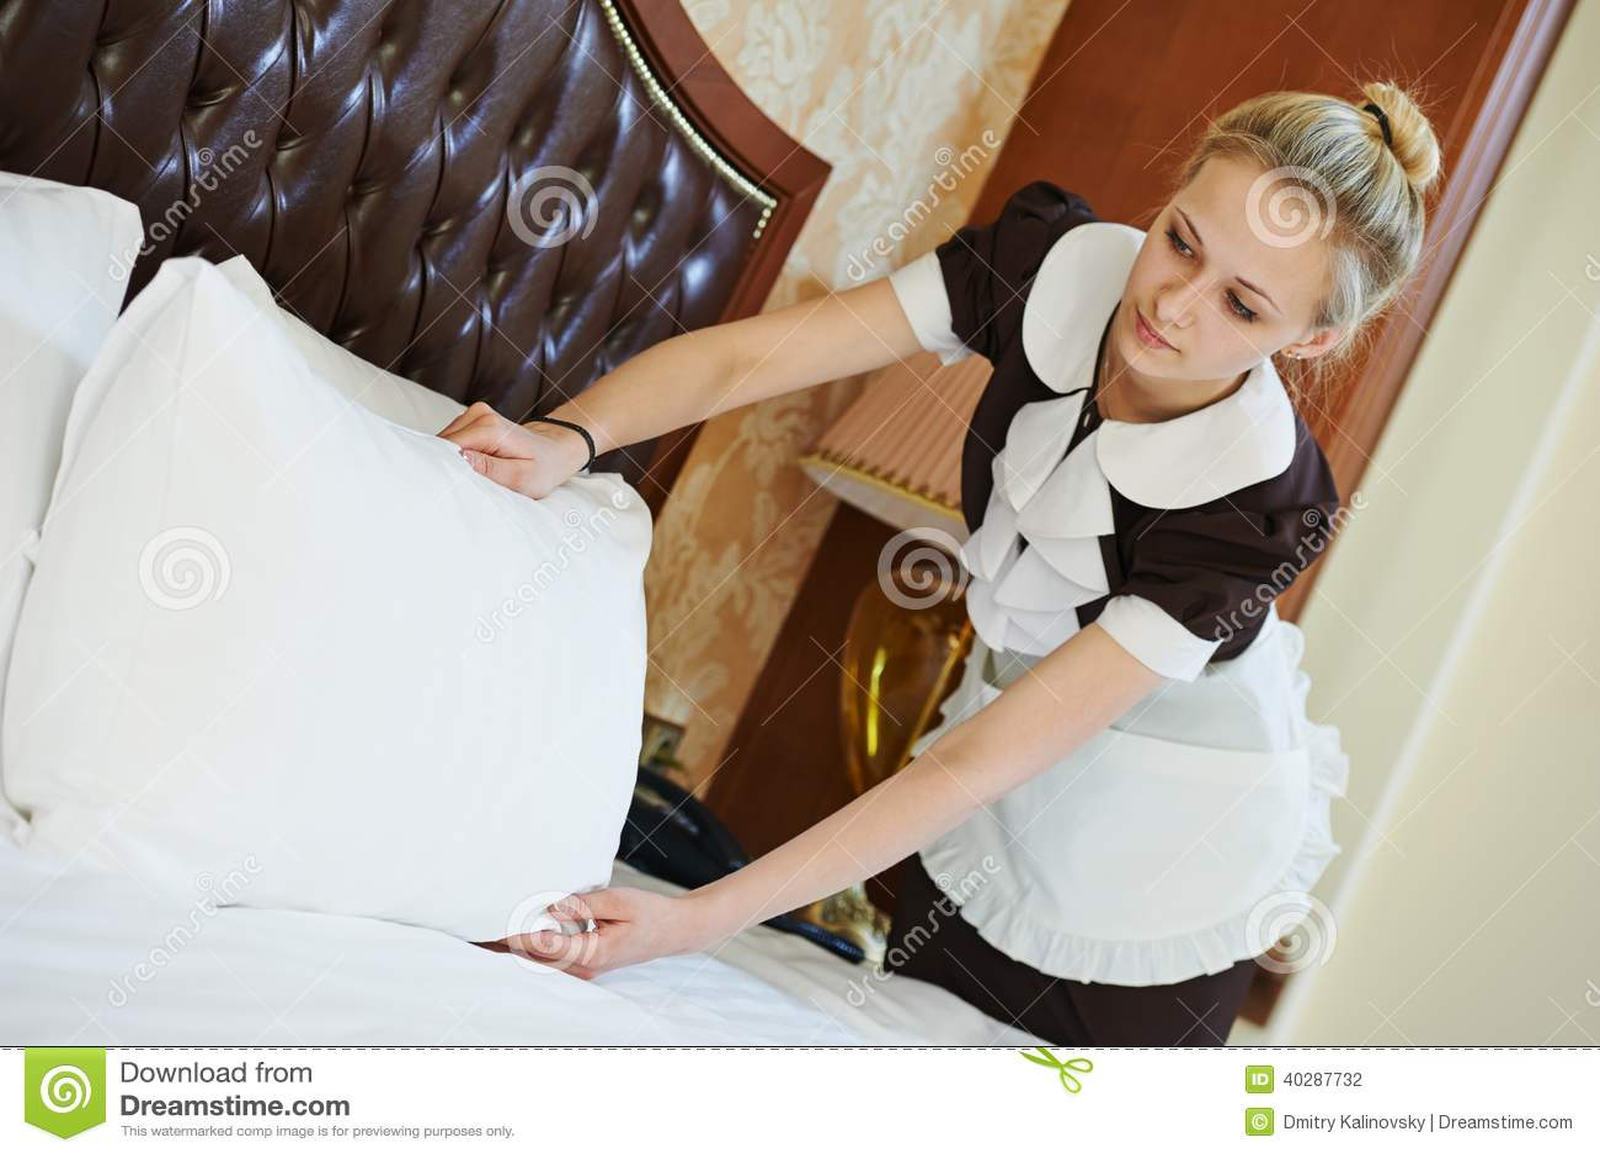 Bedroom Bin Liners